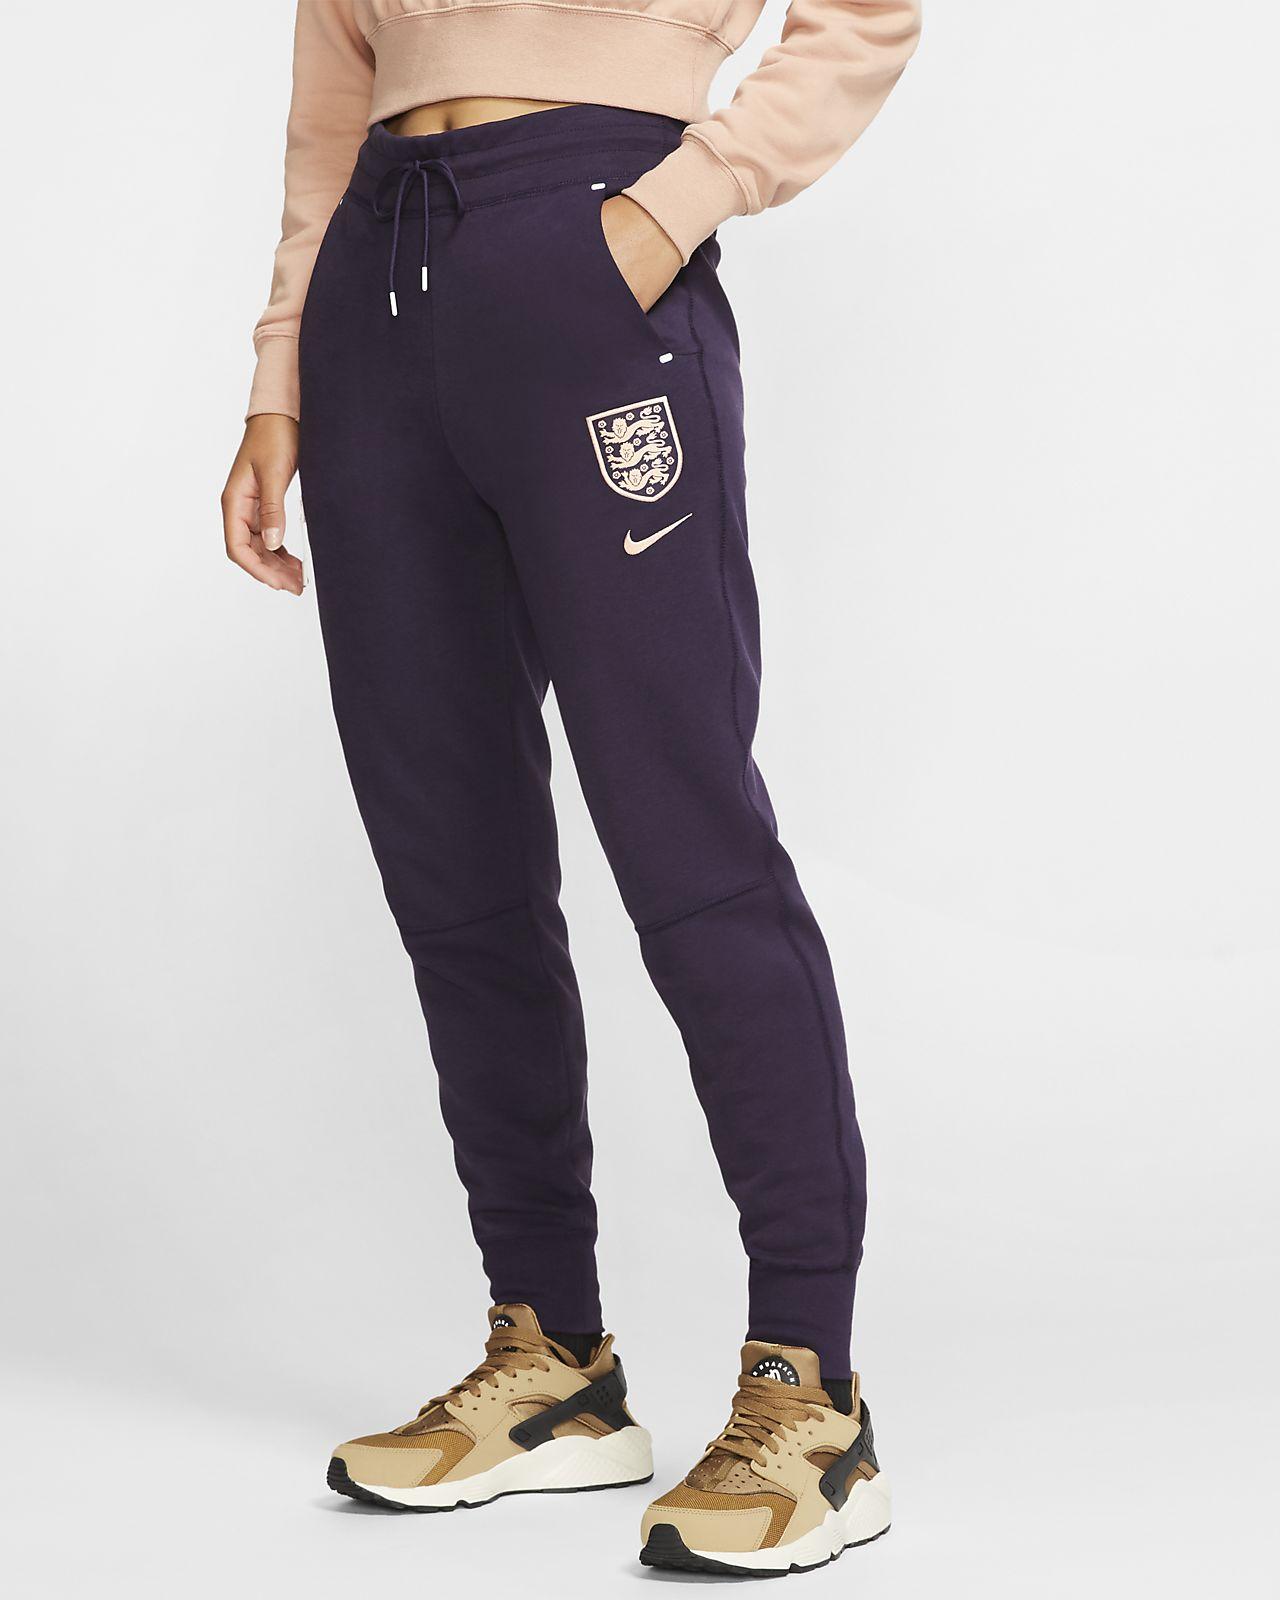 England Tech Fleece Voetbalbroek voor dames